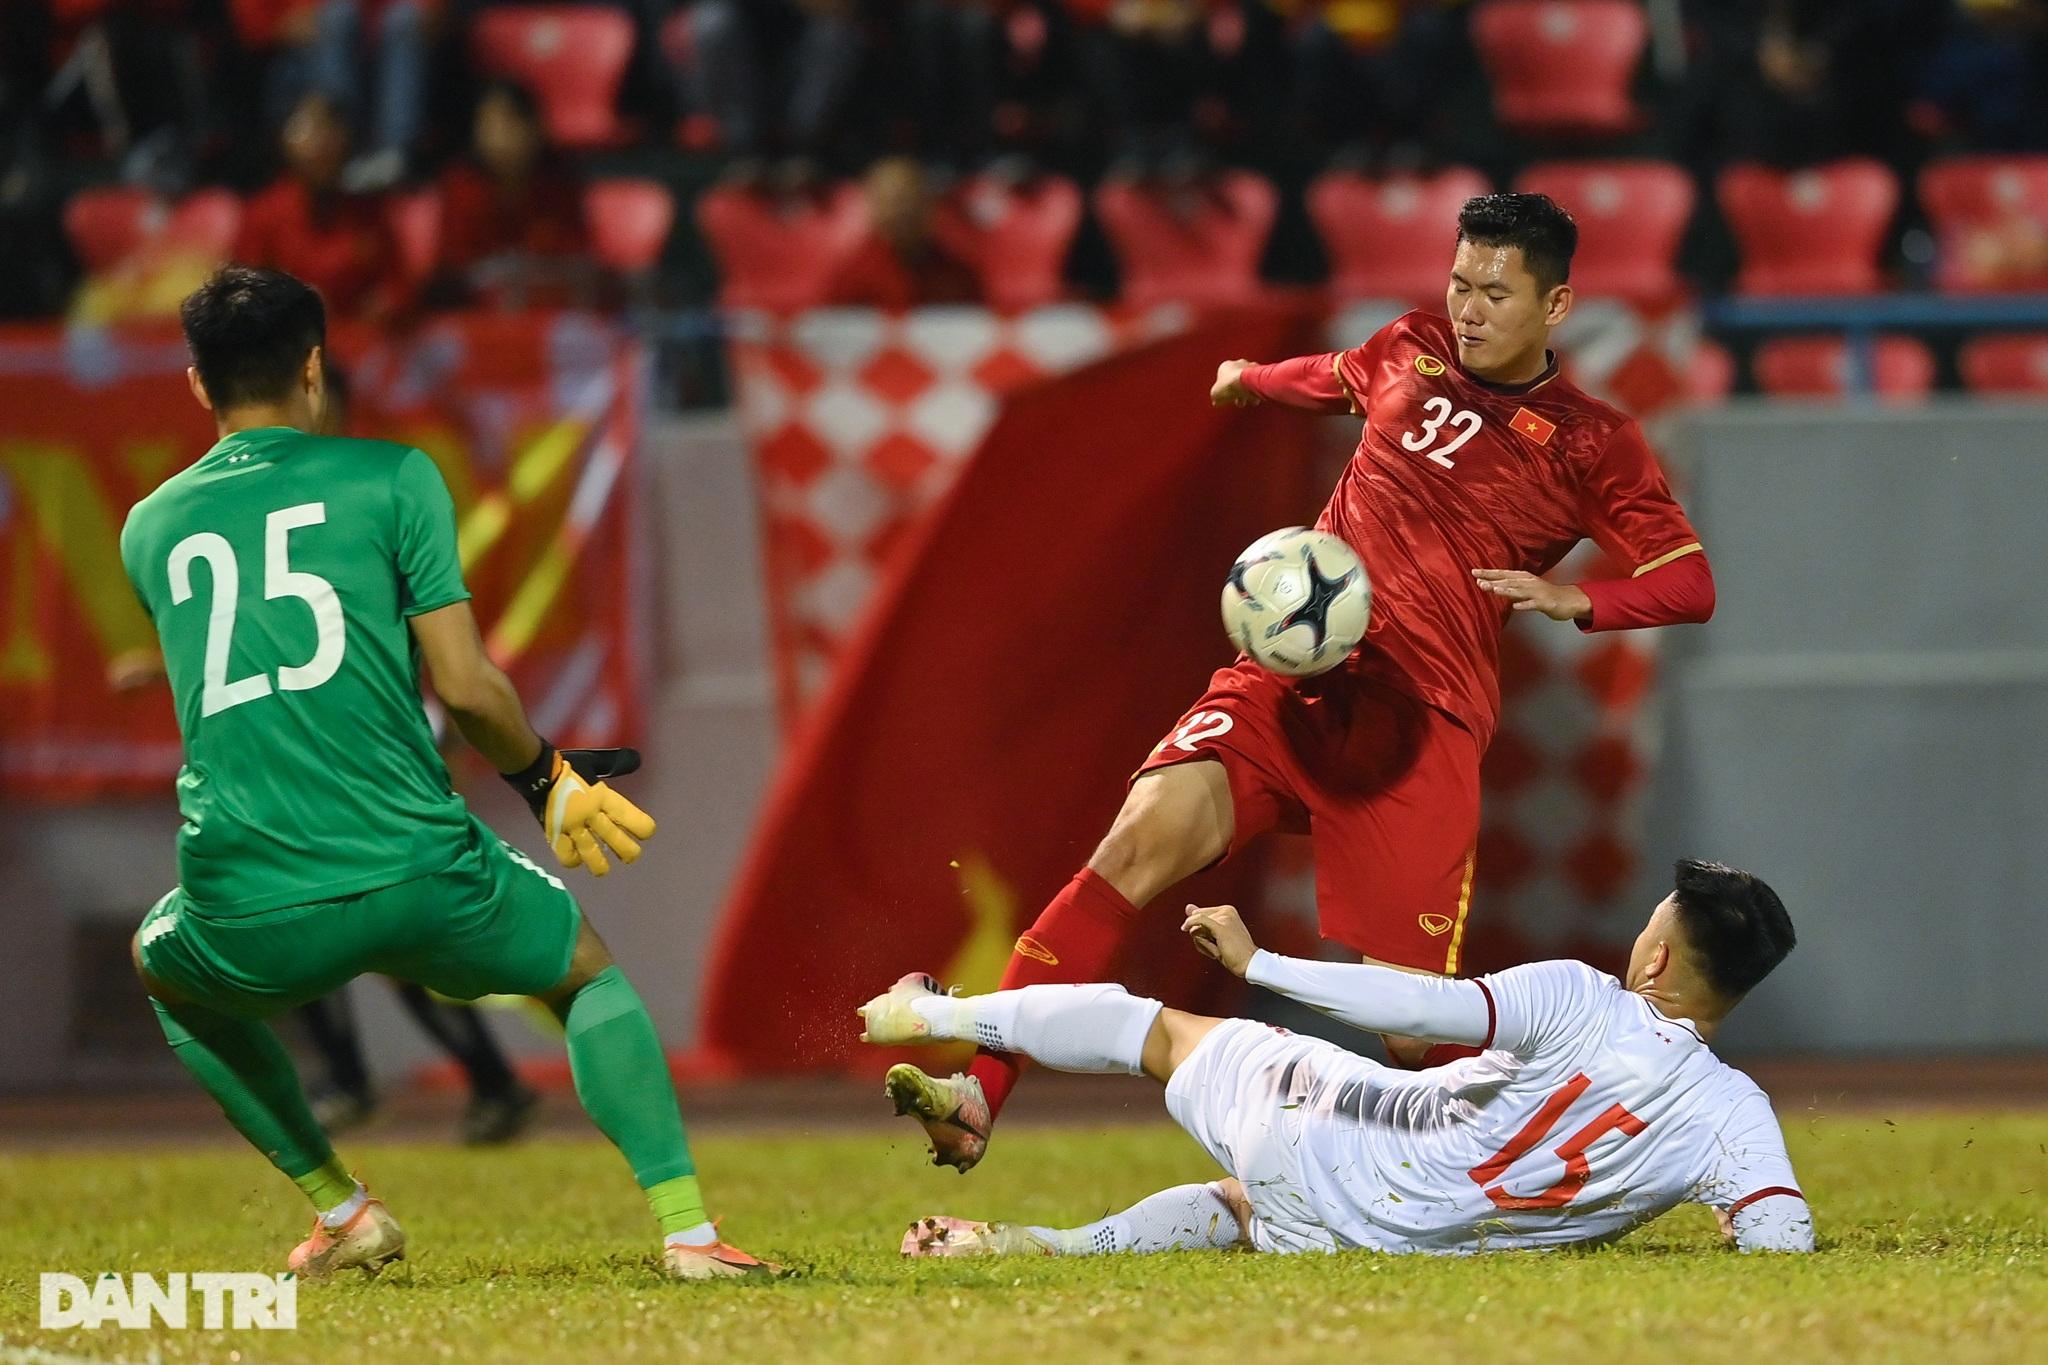 Văn Quyết ghi điểm trong chiến thắng của tuyển Việt Nam trước đàn em U22 - 9